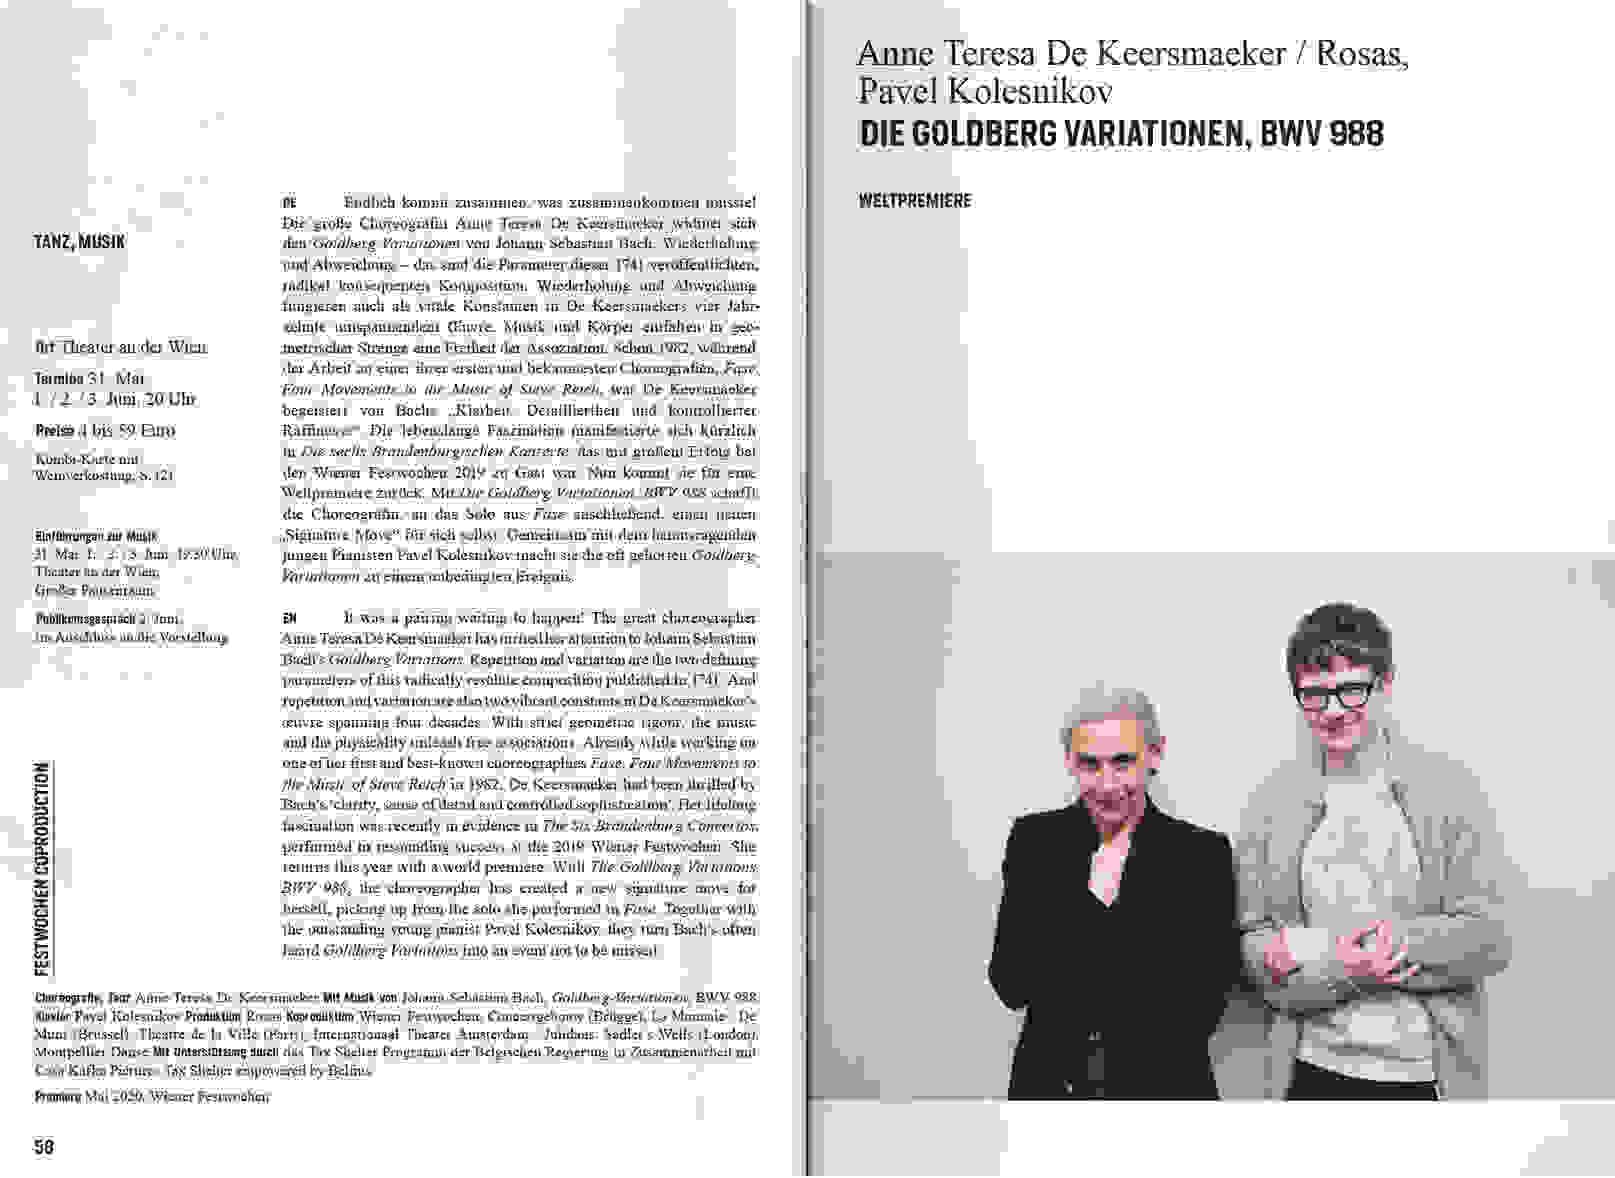 WFW20 Programm Doppelseite 13